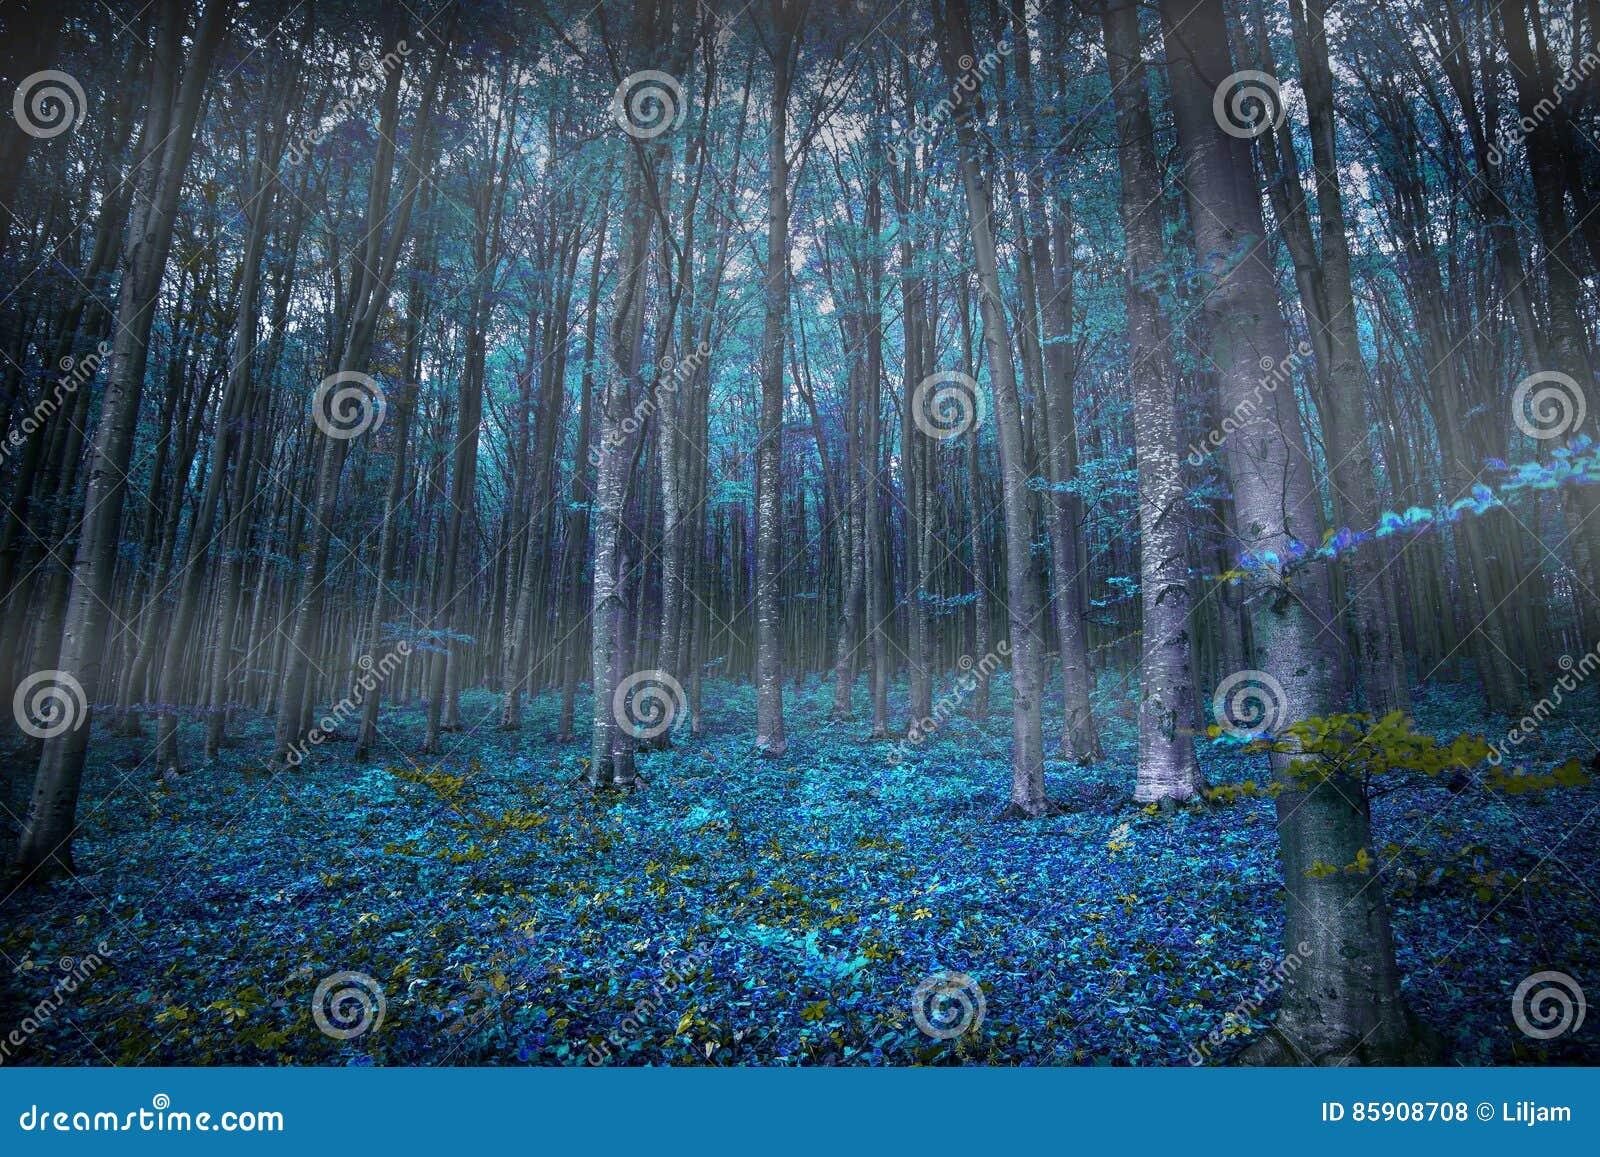 Θλιβερά υπερφυσικά ξύλα με τα φω τα και την μπλε βλάστηση, μαγική έκθεση